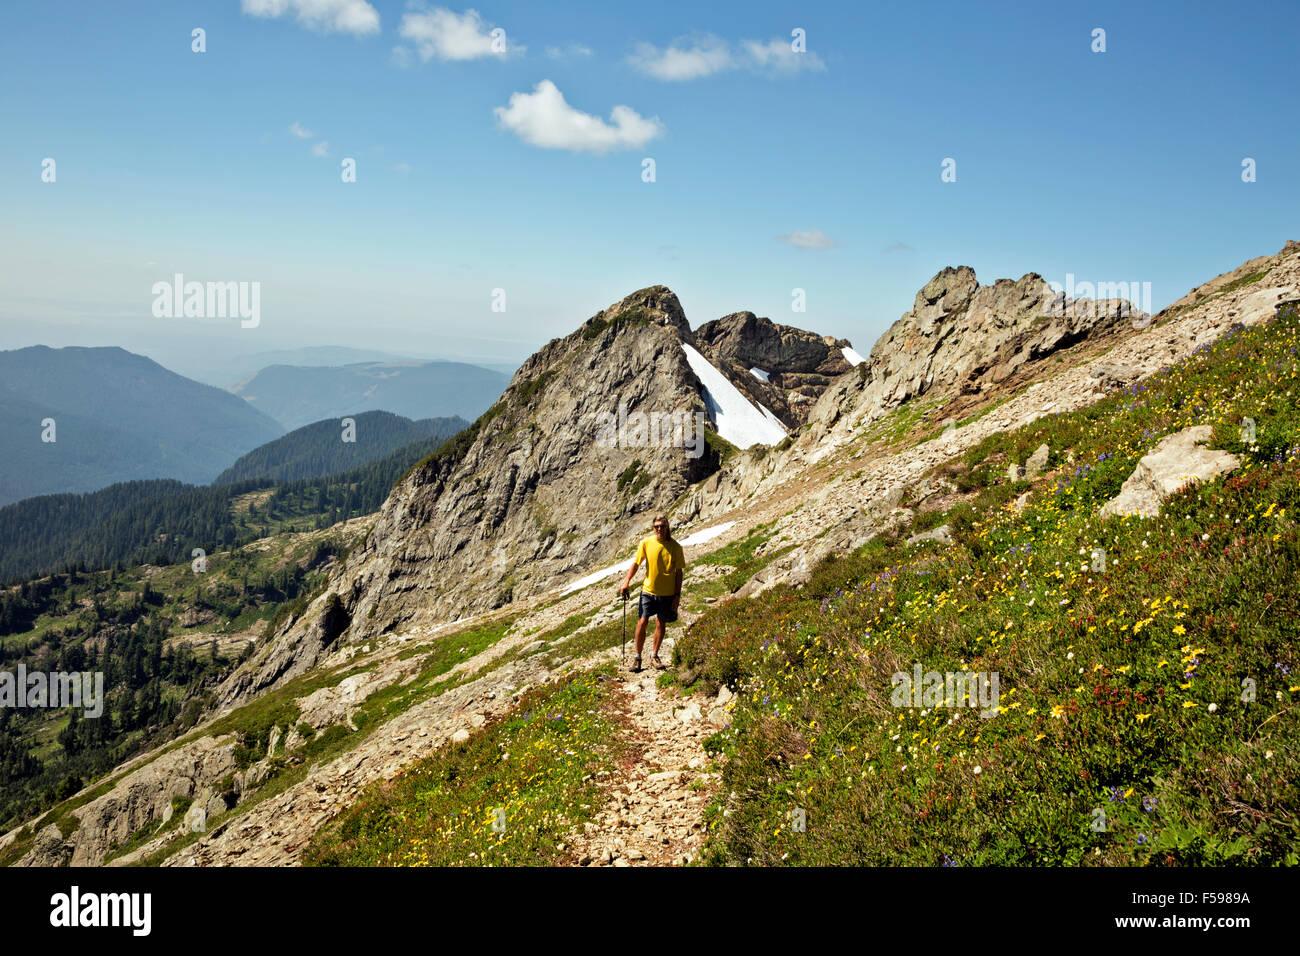 WASHINGTON - Randonneur sur la route entre Tin Pan Gap et trois doigts Lookout dans le Boulder River Wilderness Photo Stock